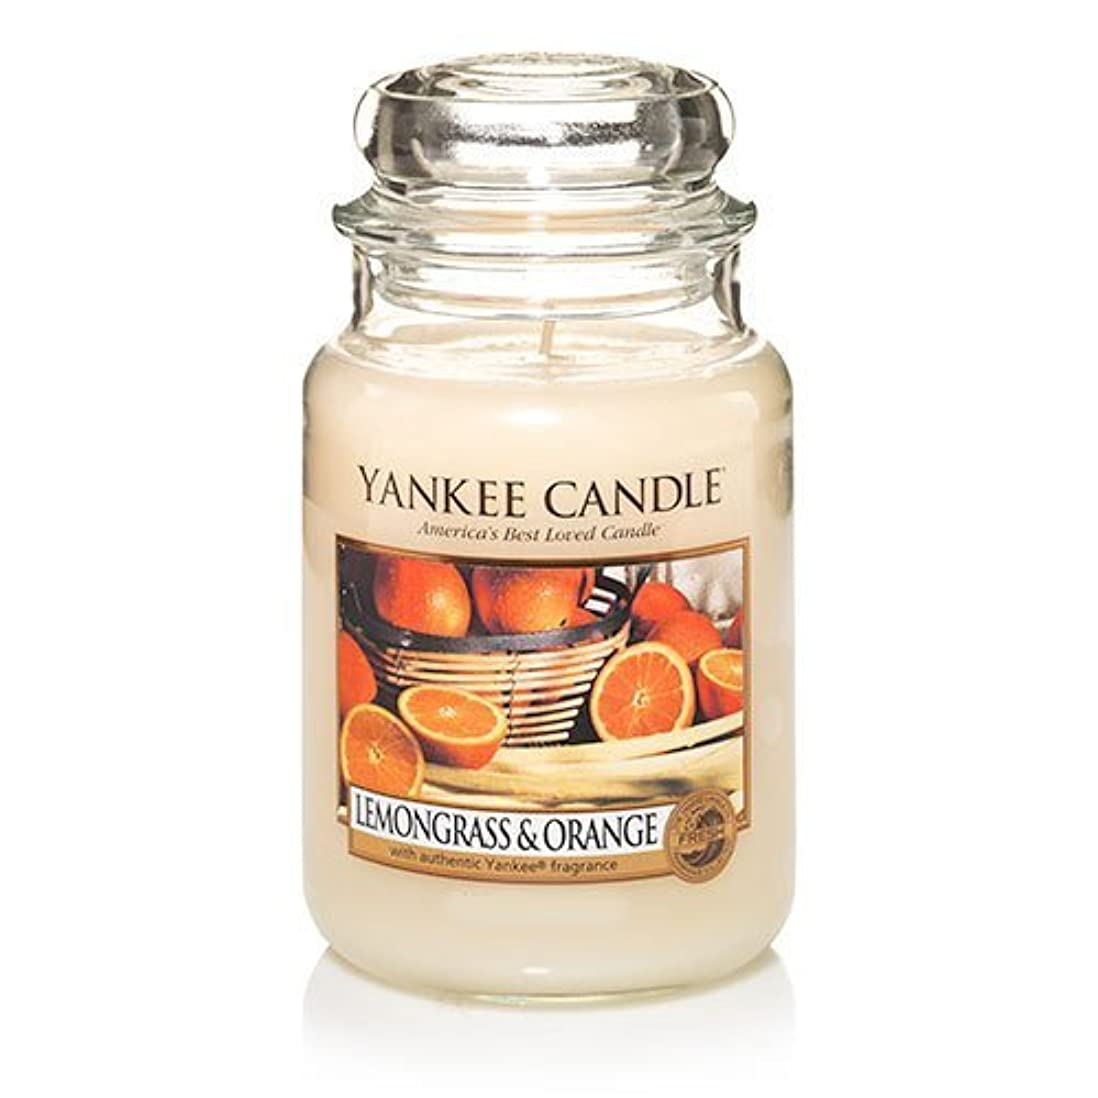 コンチネンタル思いつく医薬Yankee Candle Lemongrass & Orange - 22oz Large Housewarmer Jar by Yankee Candle [並行輸入品]